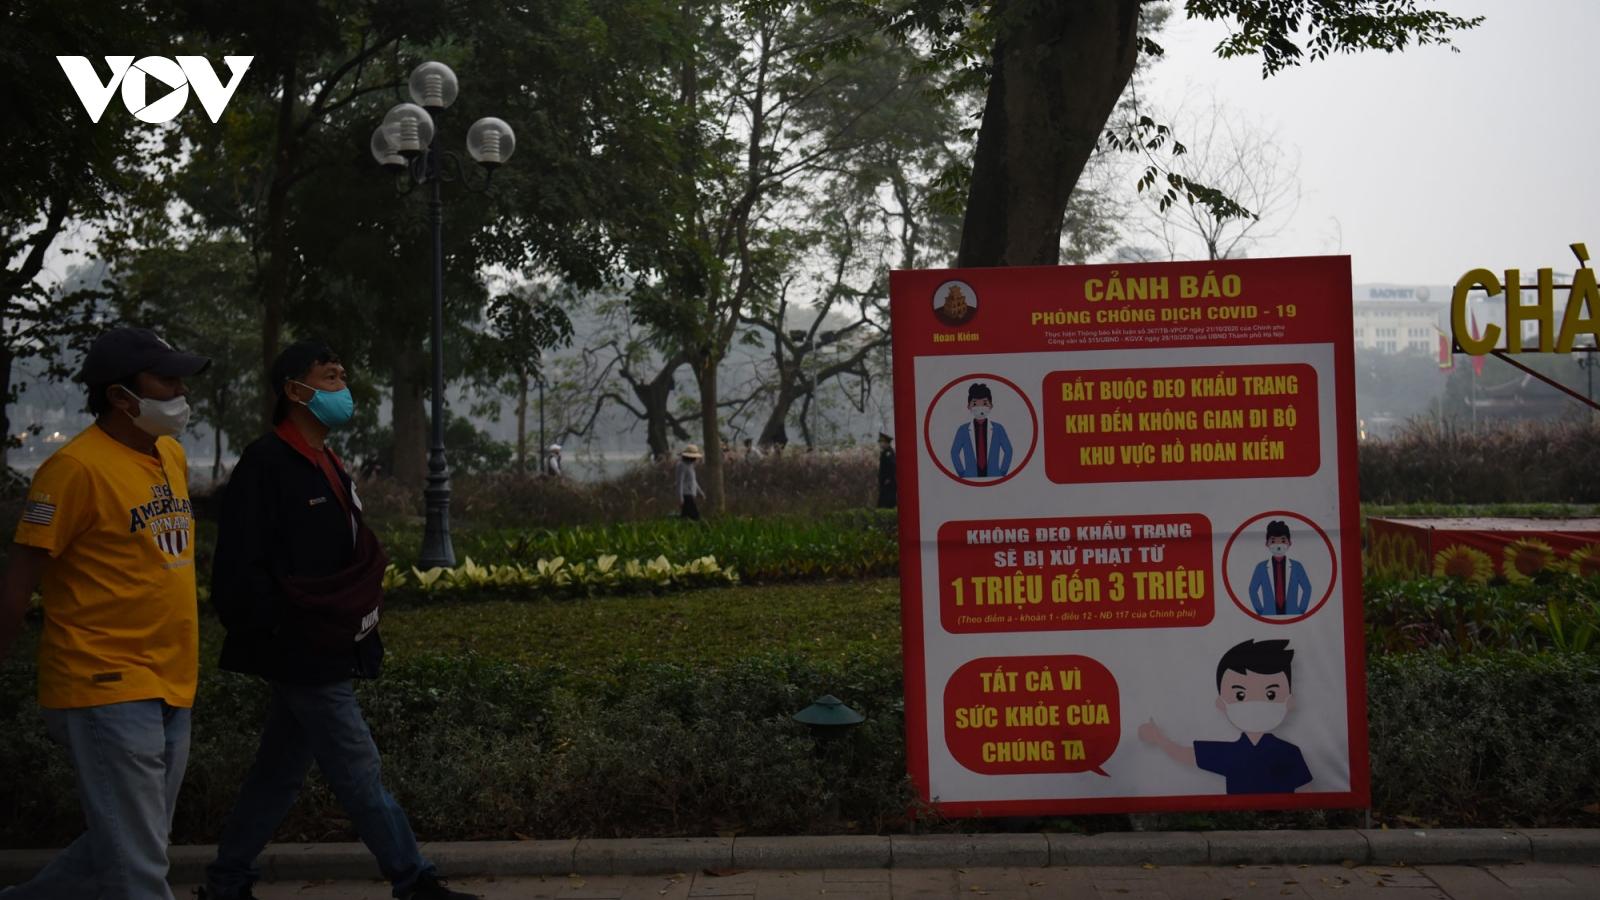 Hà Nội tạm dừng các lễ hội, phố đi bộ, sự kiện đông người để phòng chống dịch Covid-19